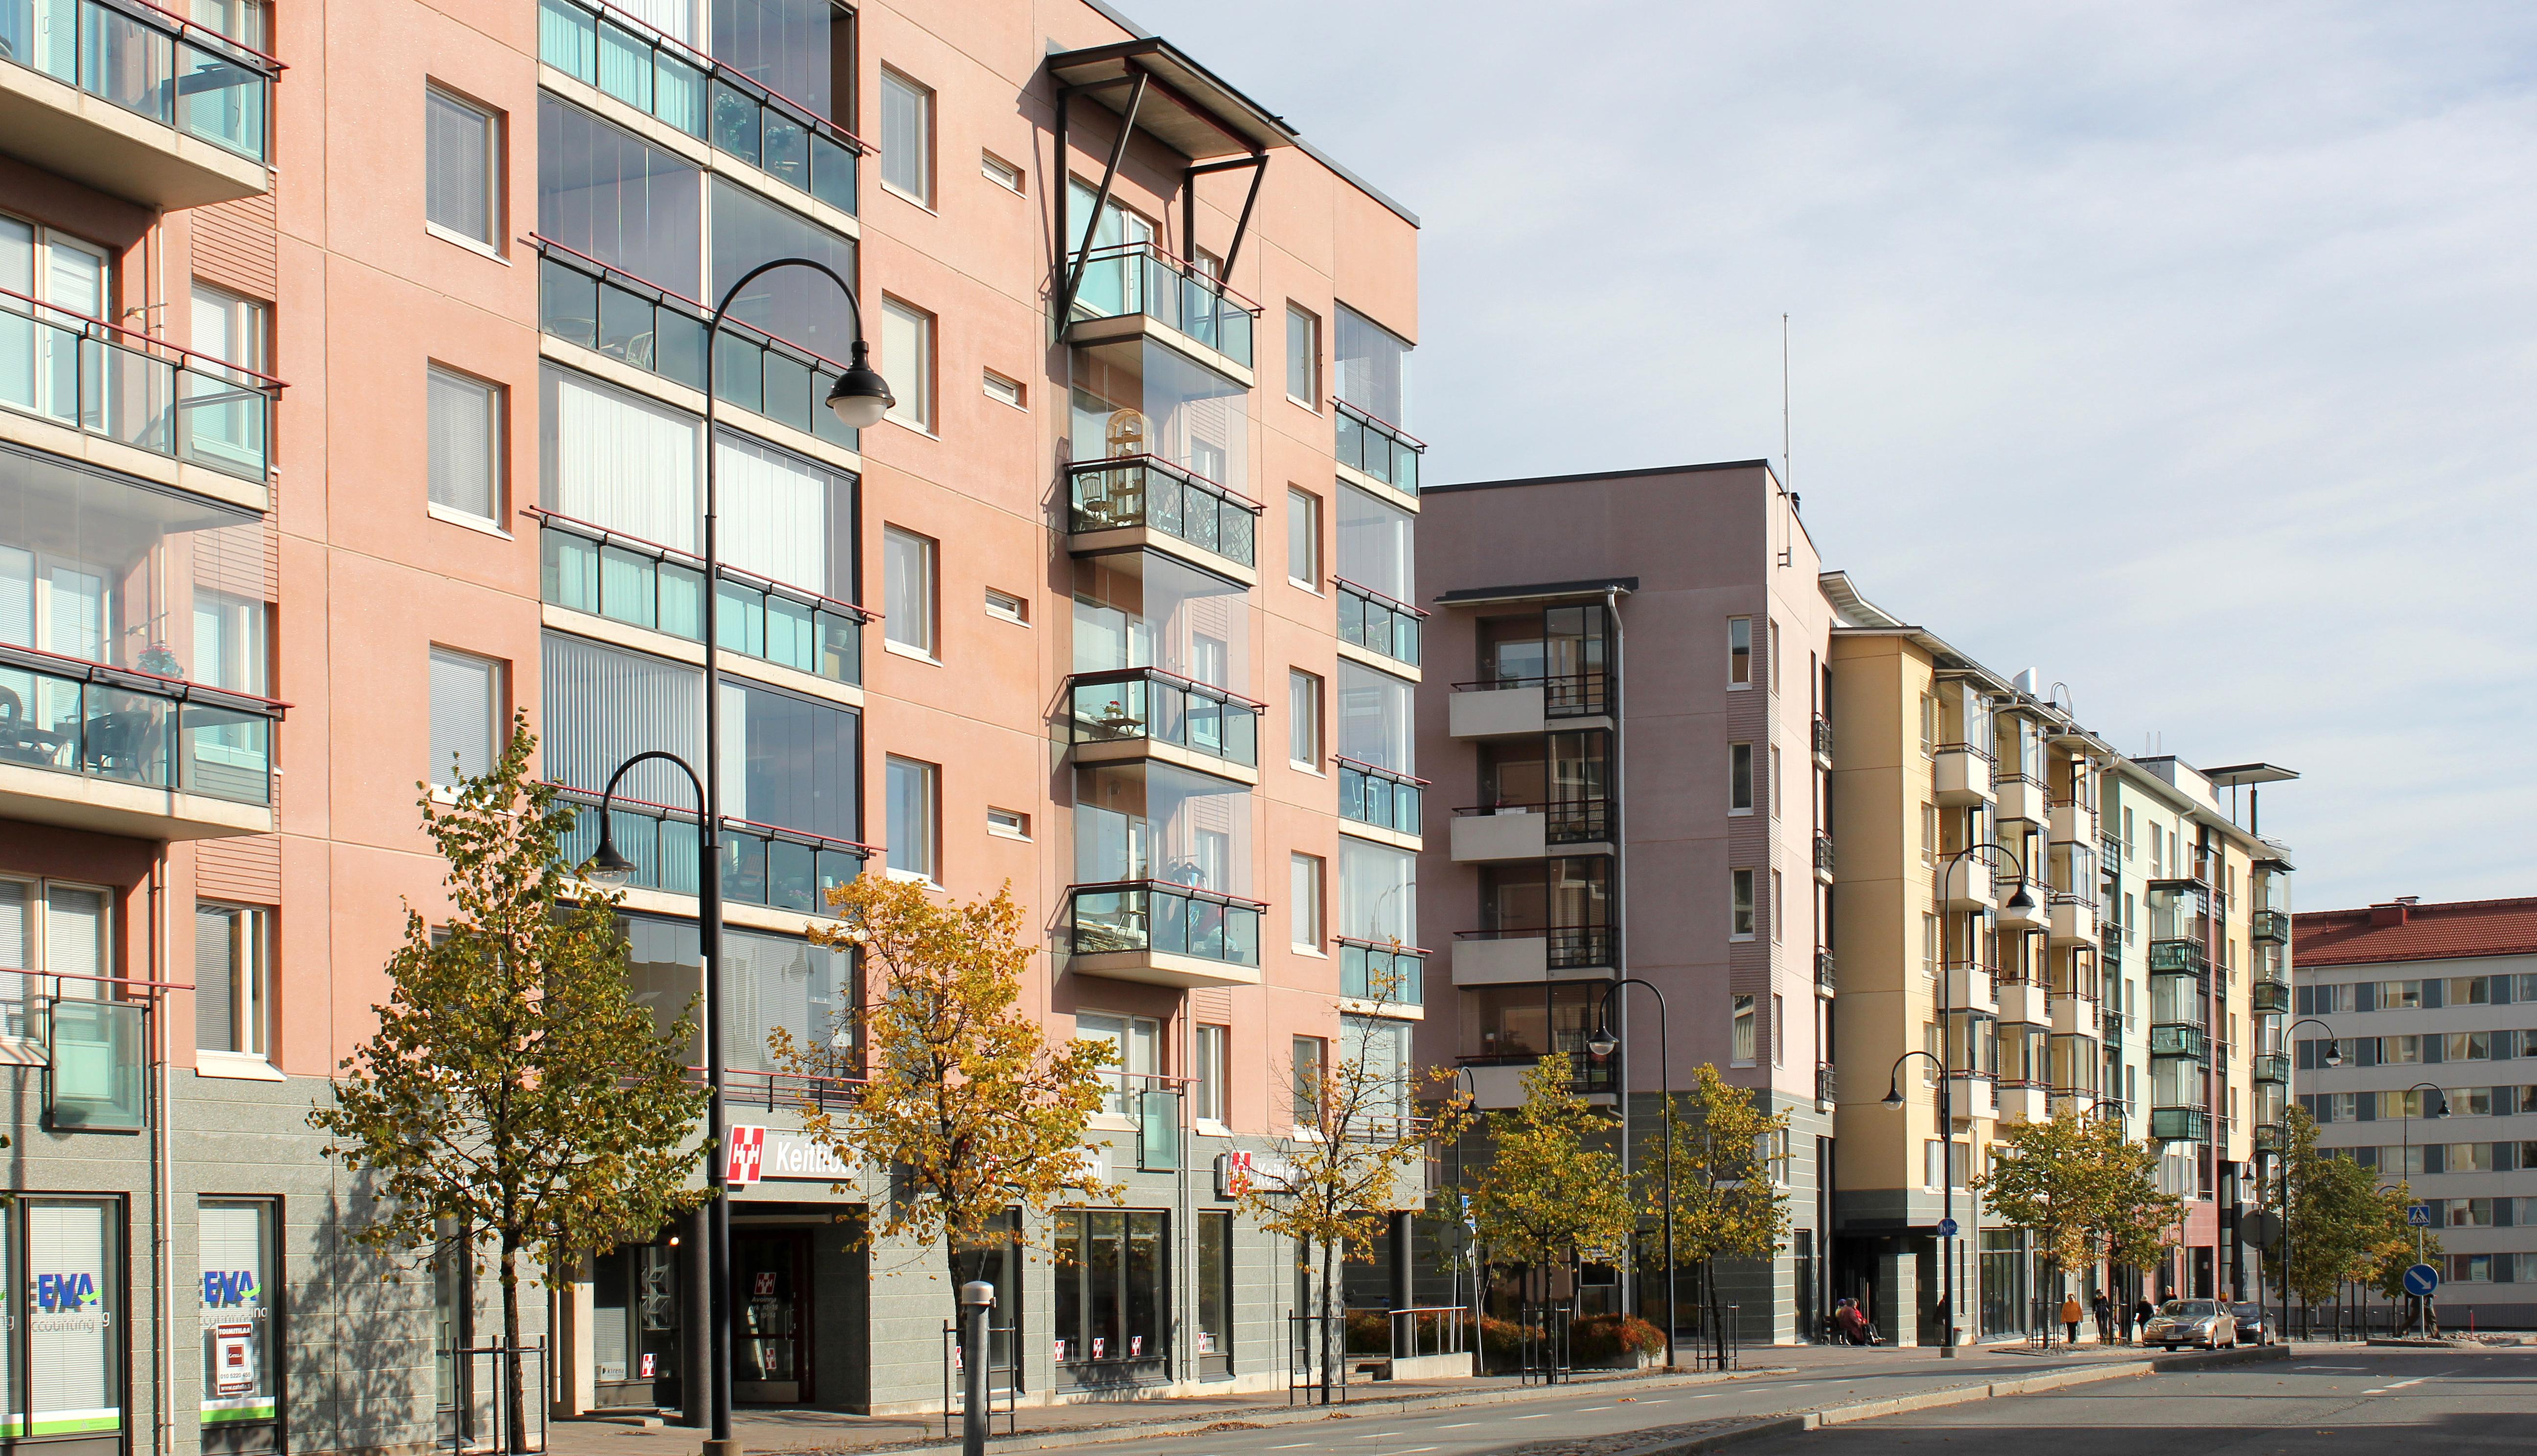 Vuokra-asunnot Tampereella Tampellassa